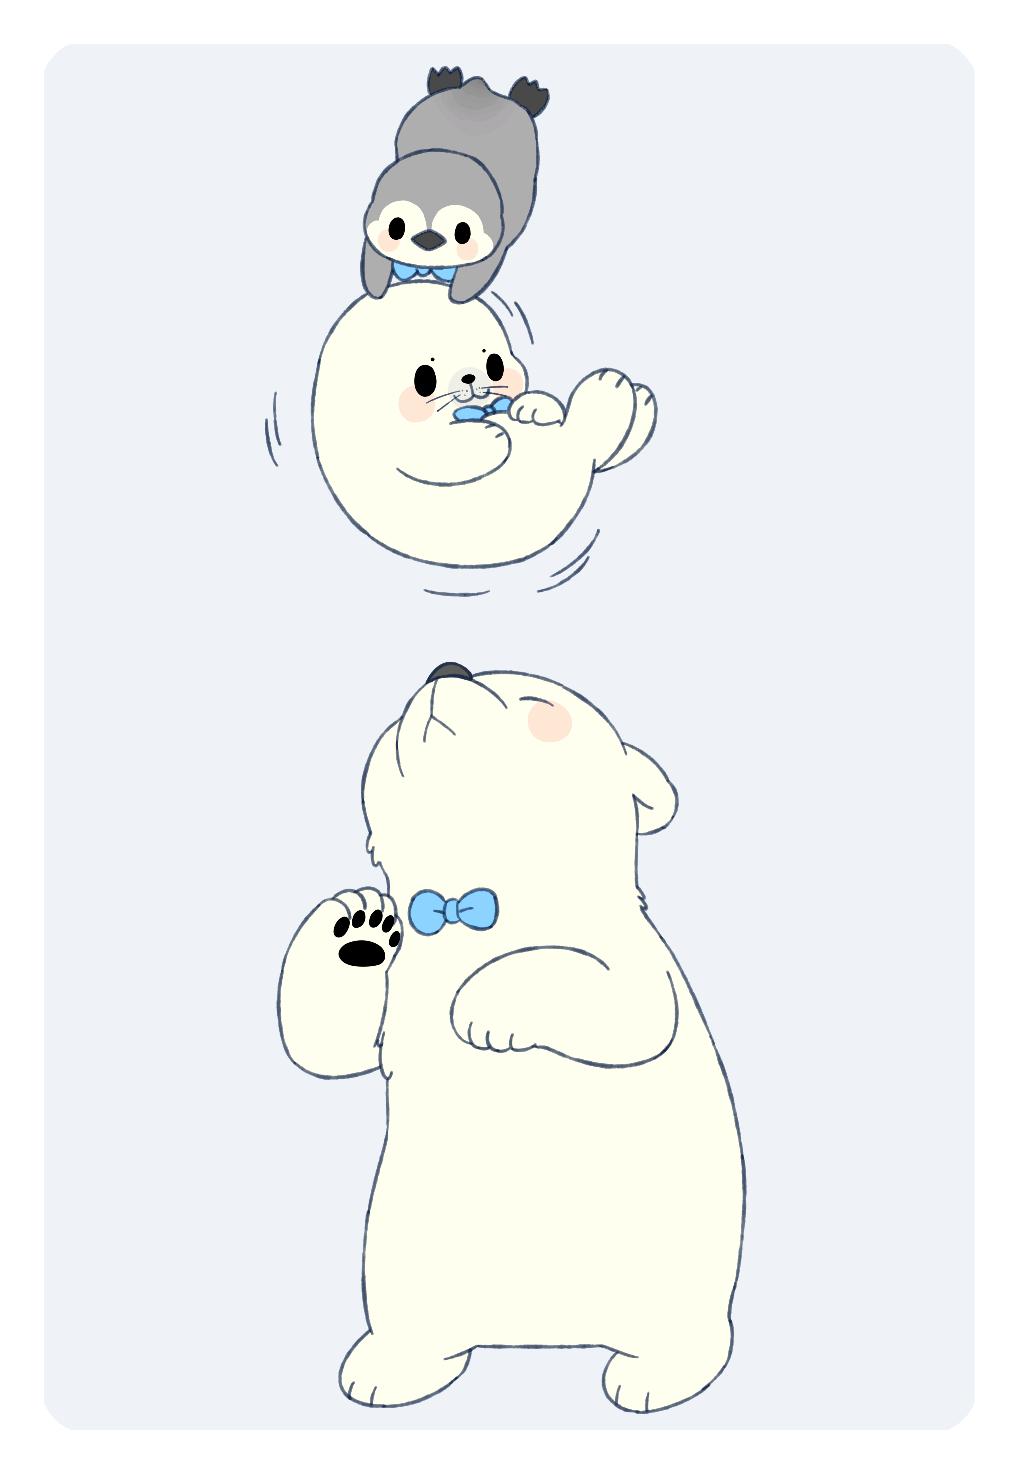 【2016年11-12月合作区】极地动物:白熊,海豹,企鹅